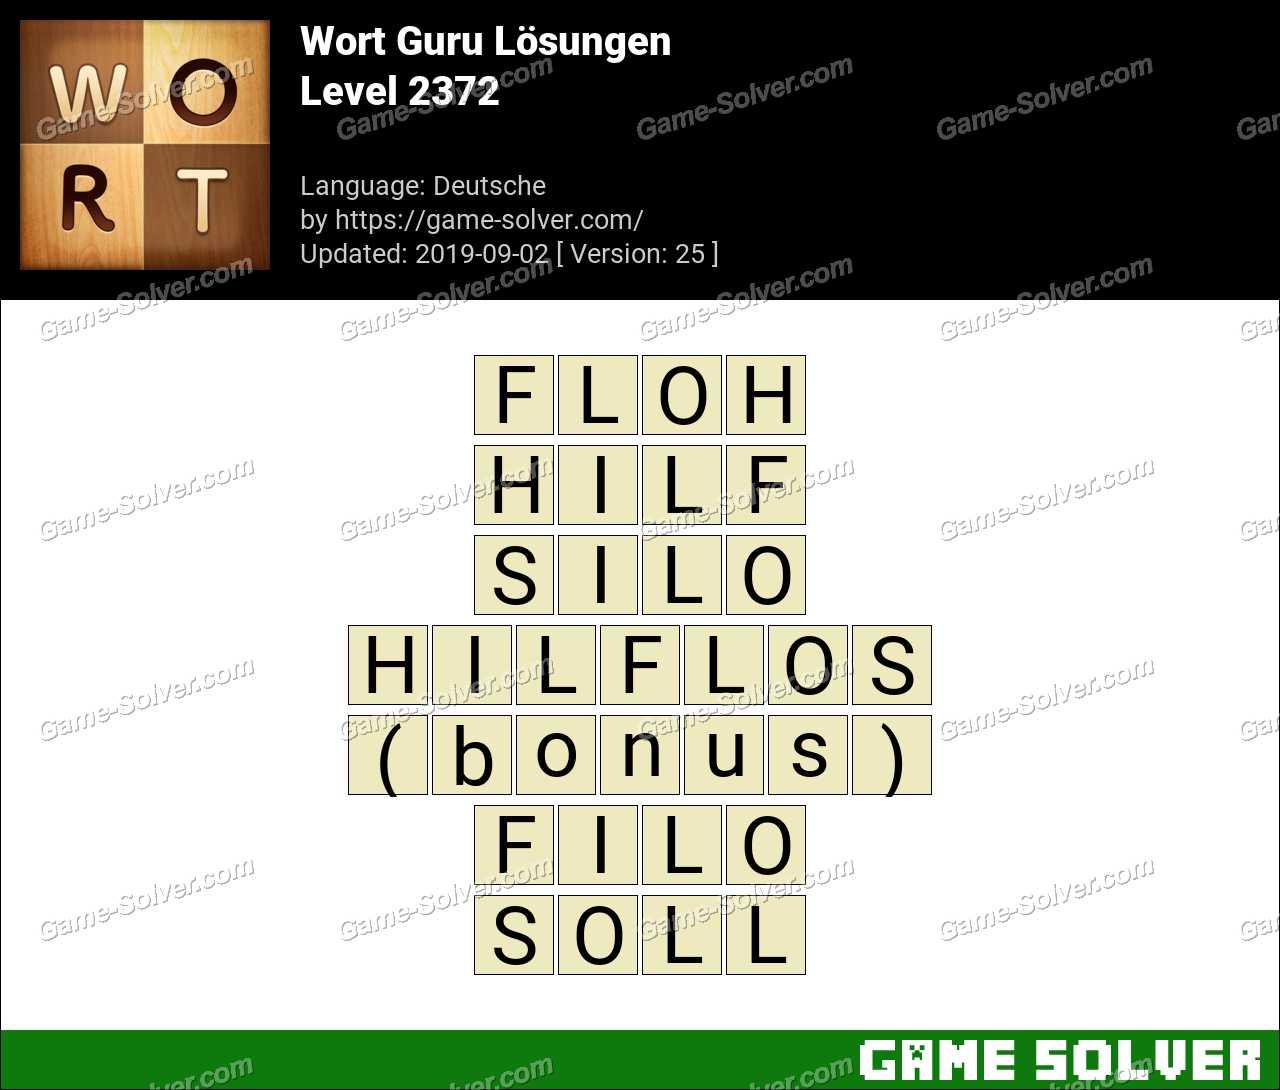 Wort Guru Level 2372 Lösungen